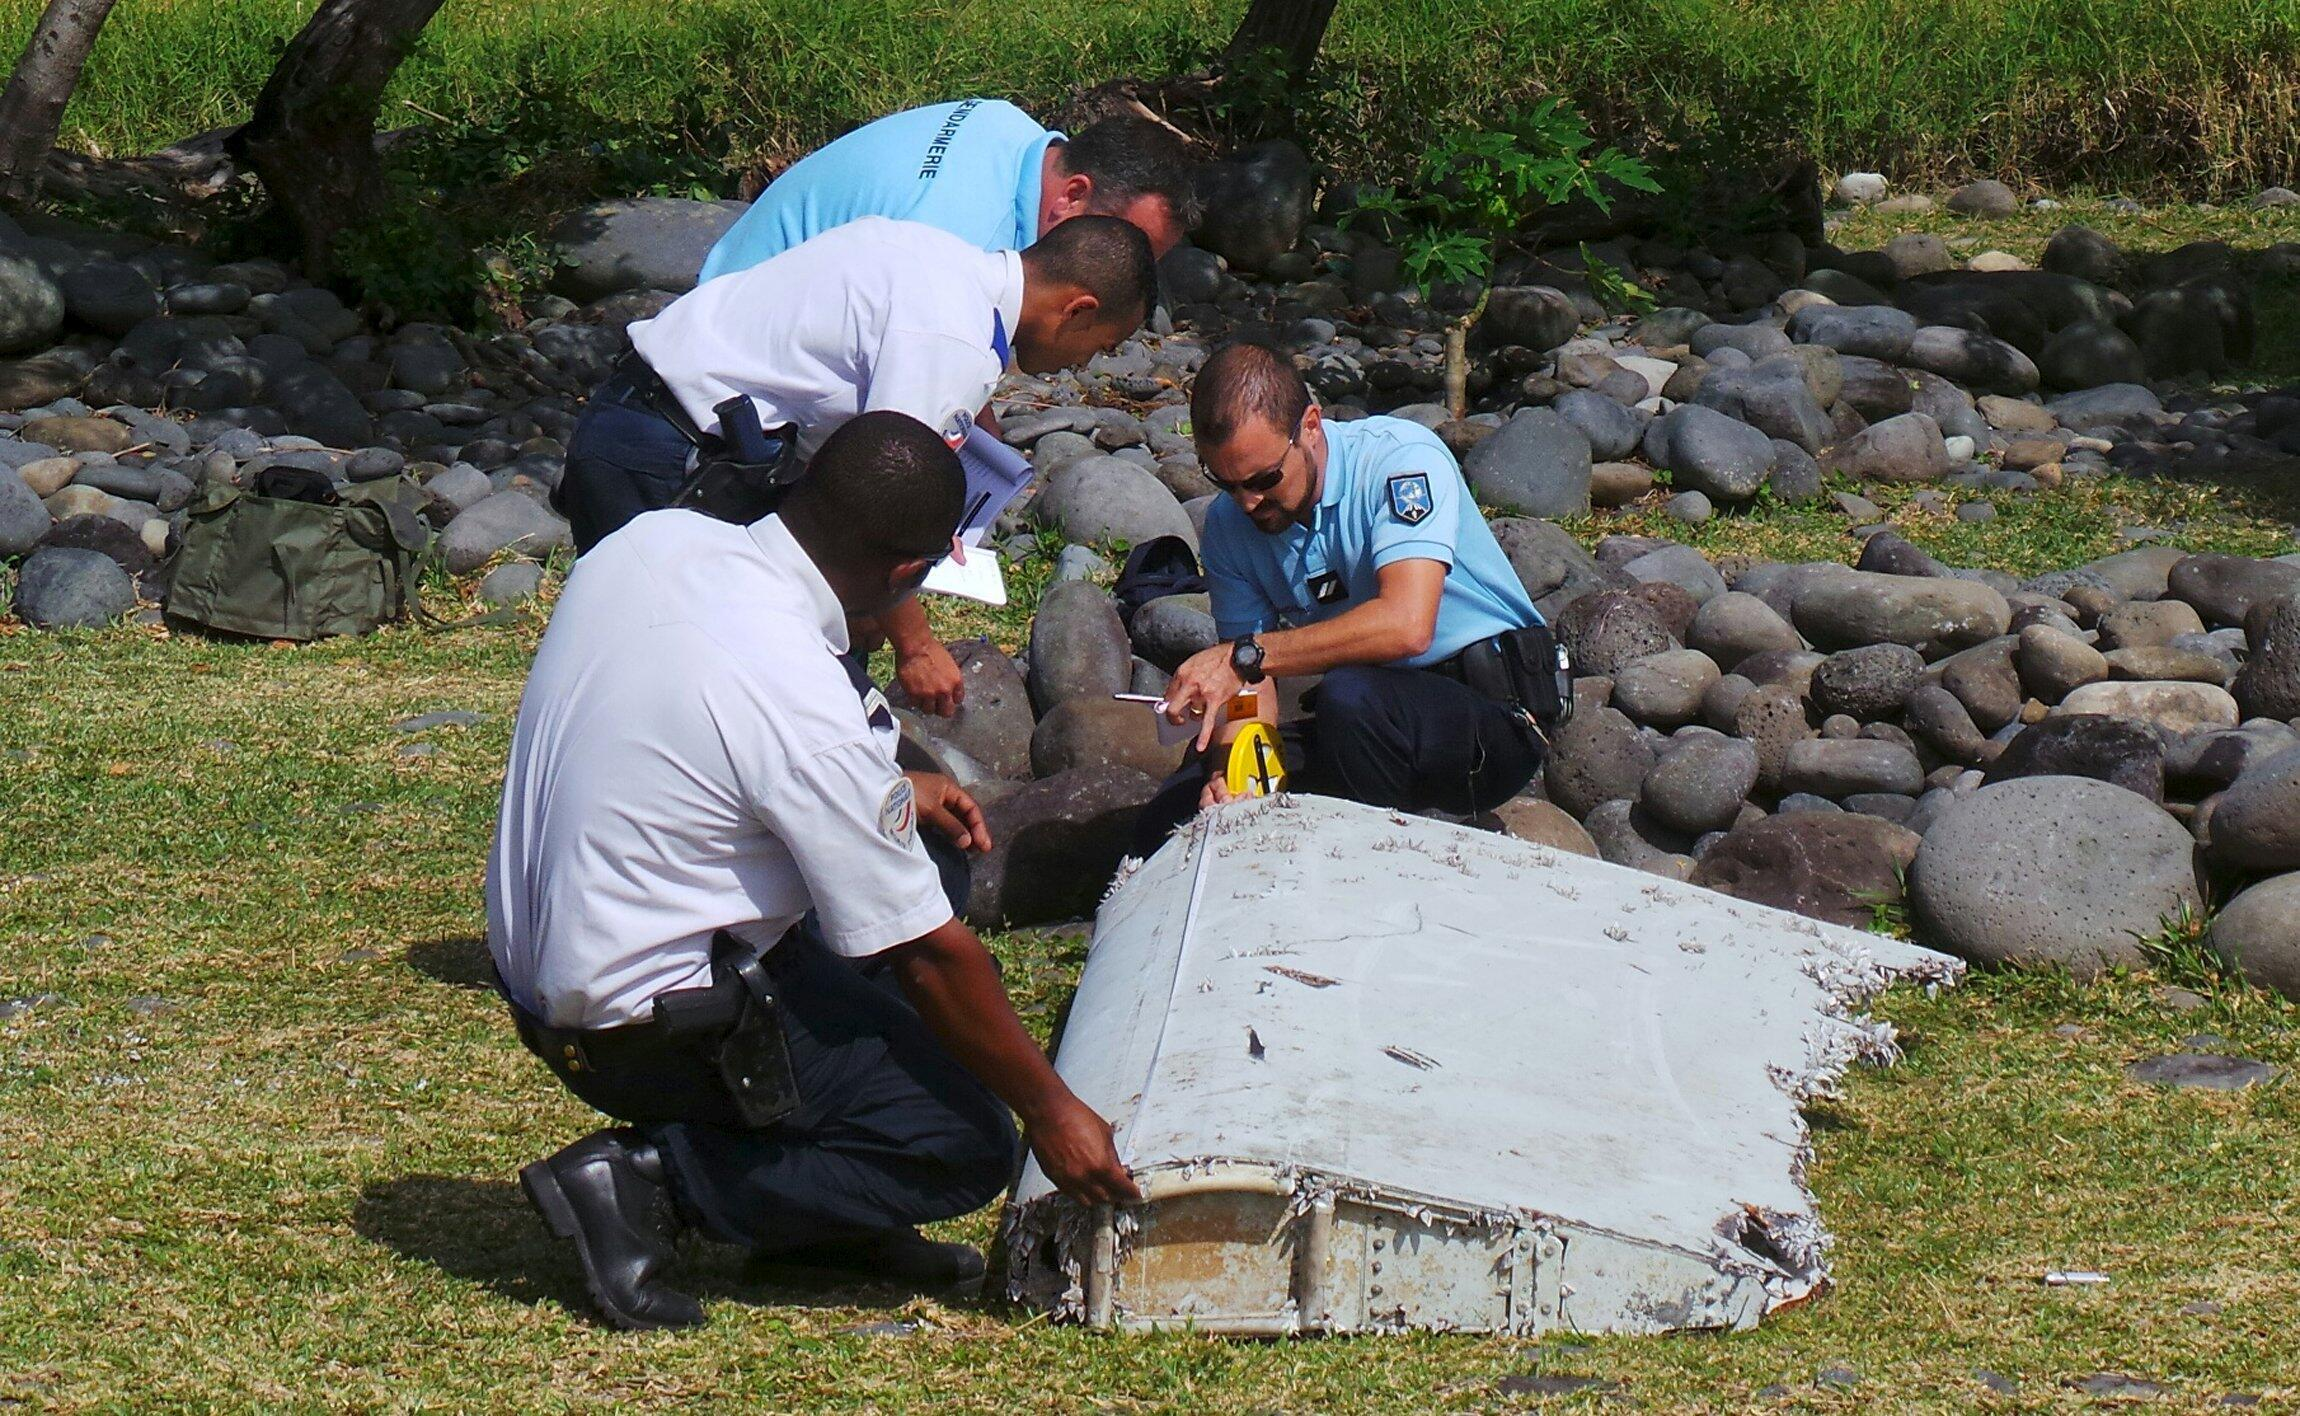 Французские жандармы и полицейские исследуют обломок самолета, найденный на пляже острова Реюньон, 29 июля 2015.